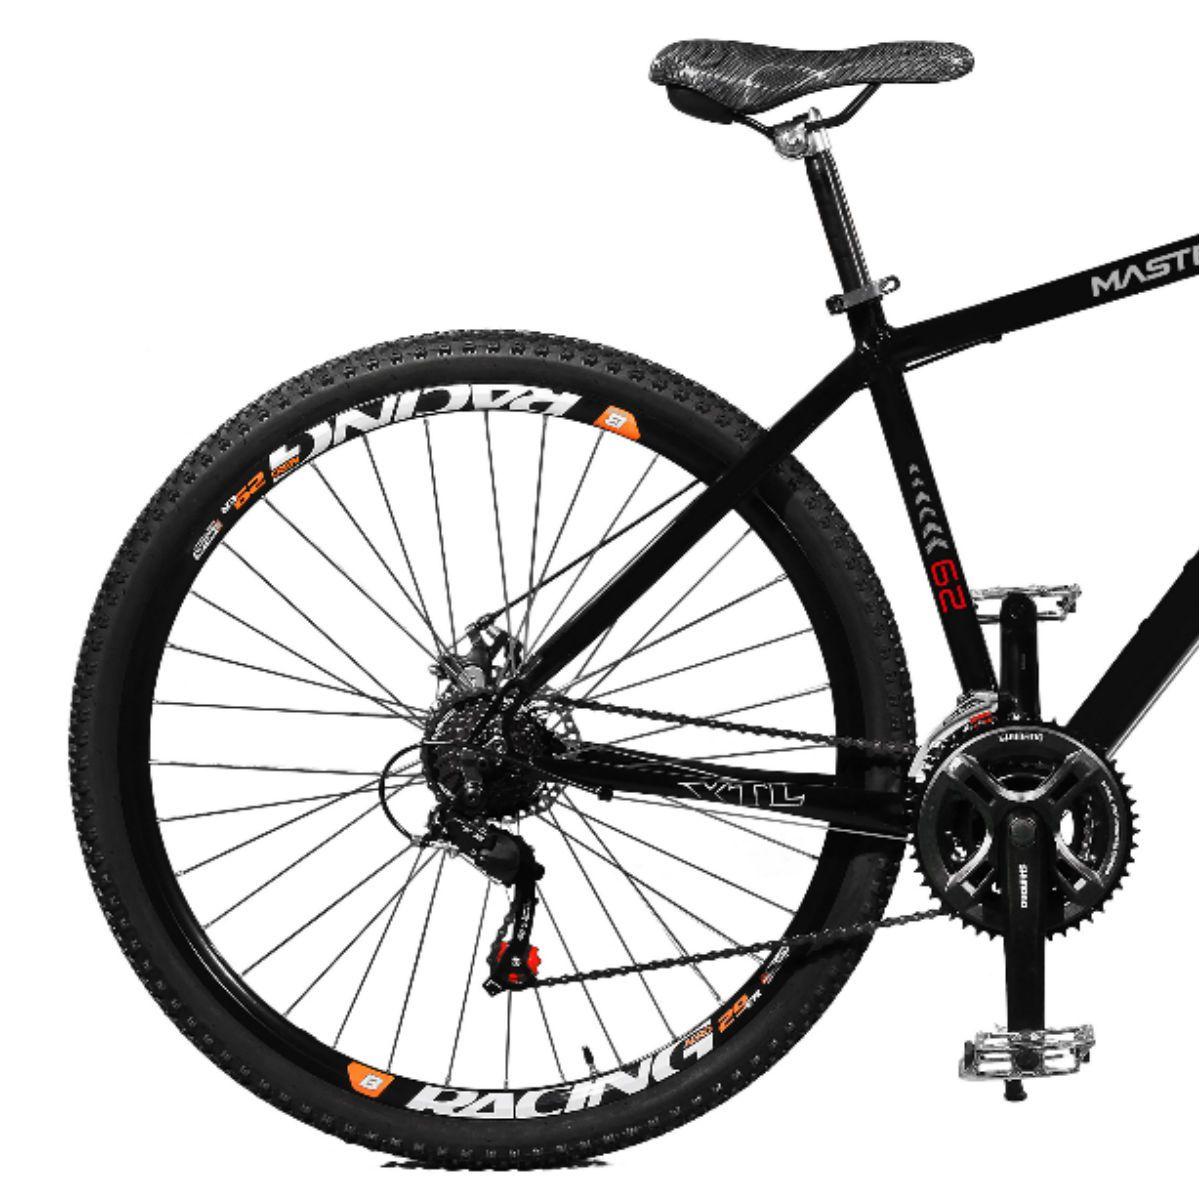 Bicicleta Master Bike Aro 29 Extreme Freio à Disco A-36 Preto